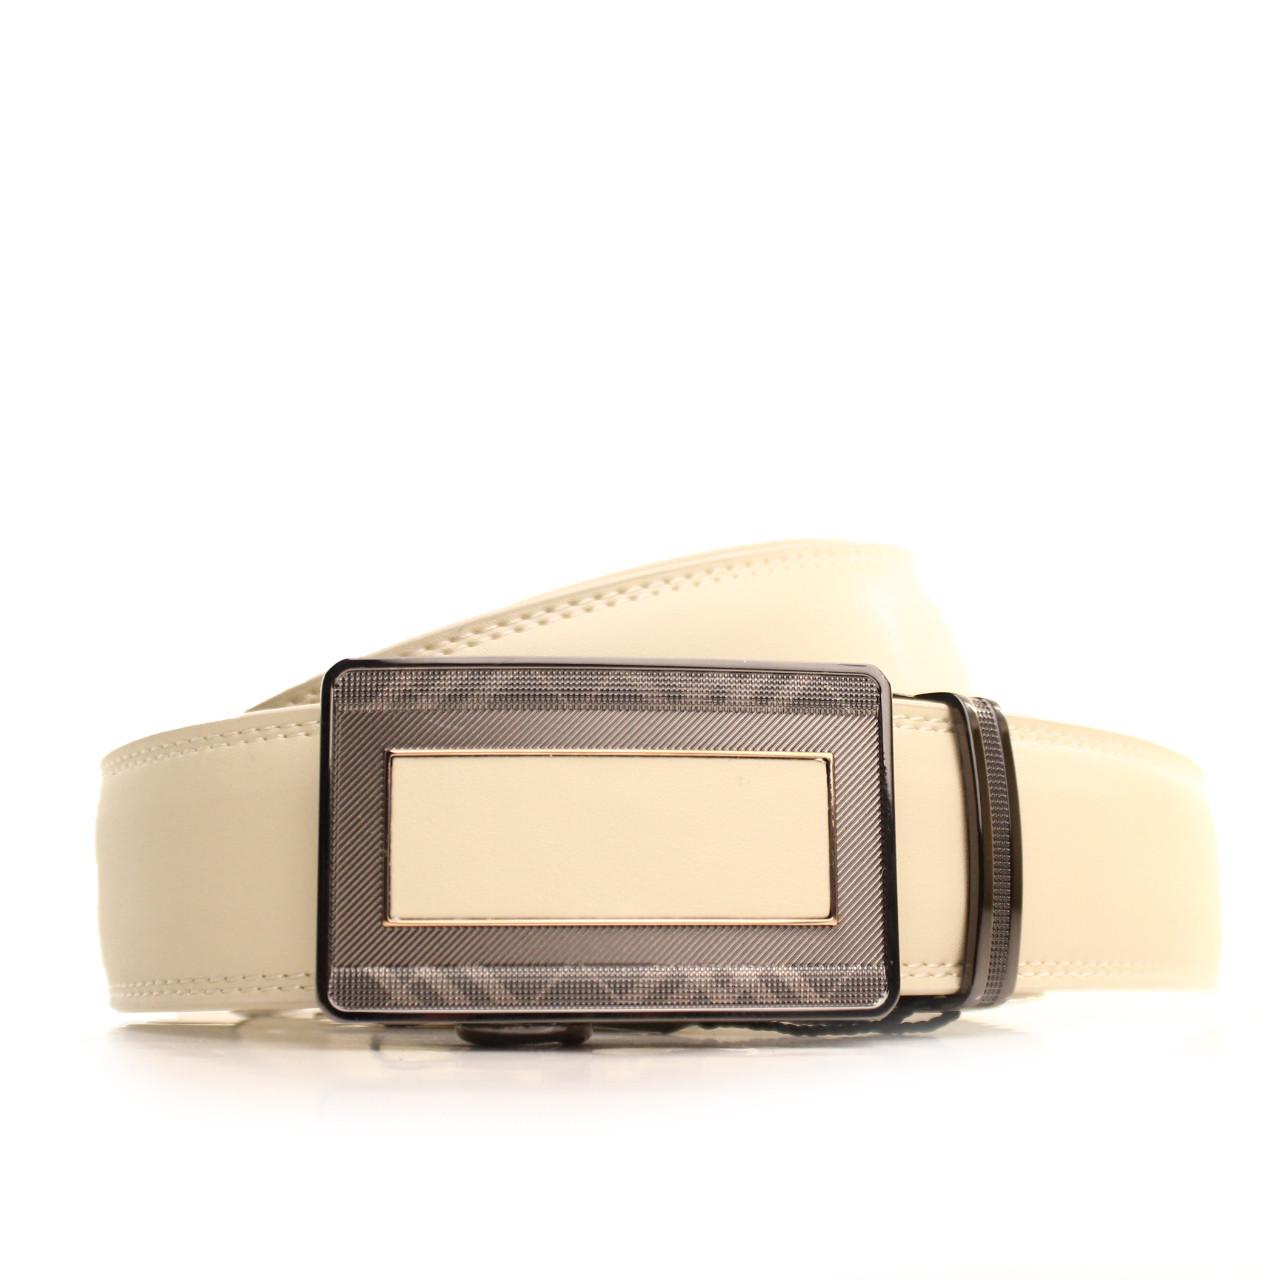 Ремень кожаный Alon 105-115 см китай l35a1a19